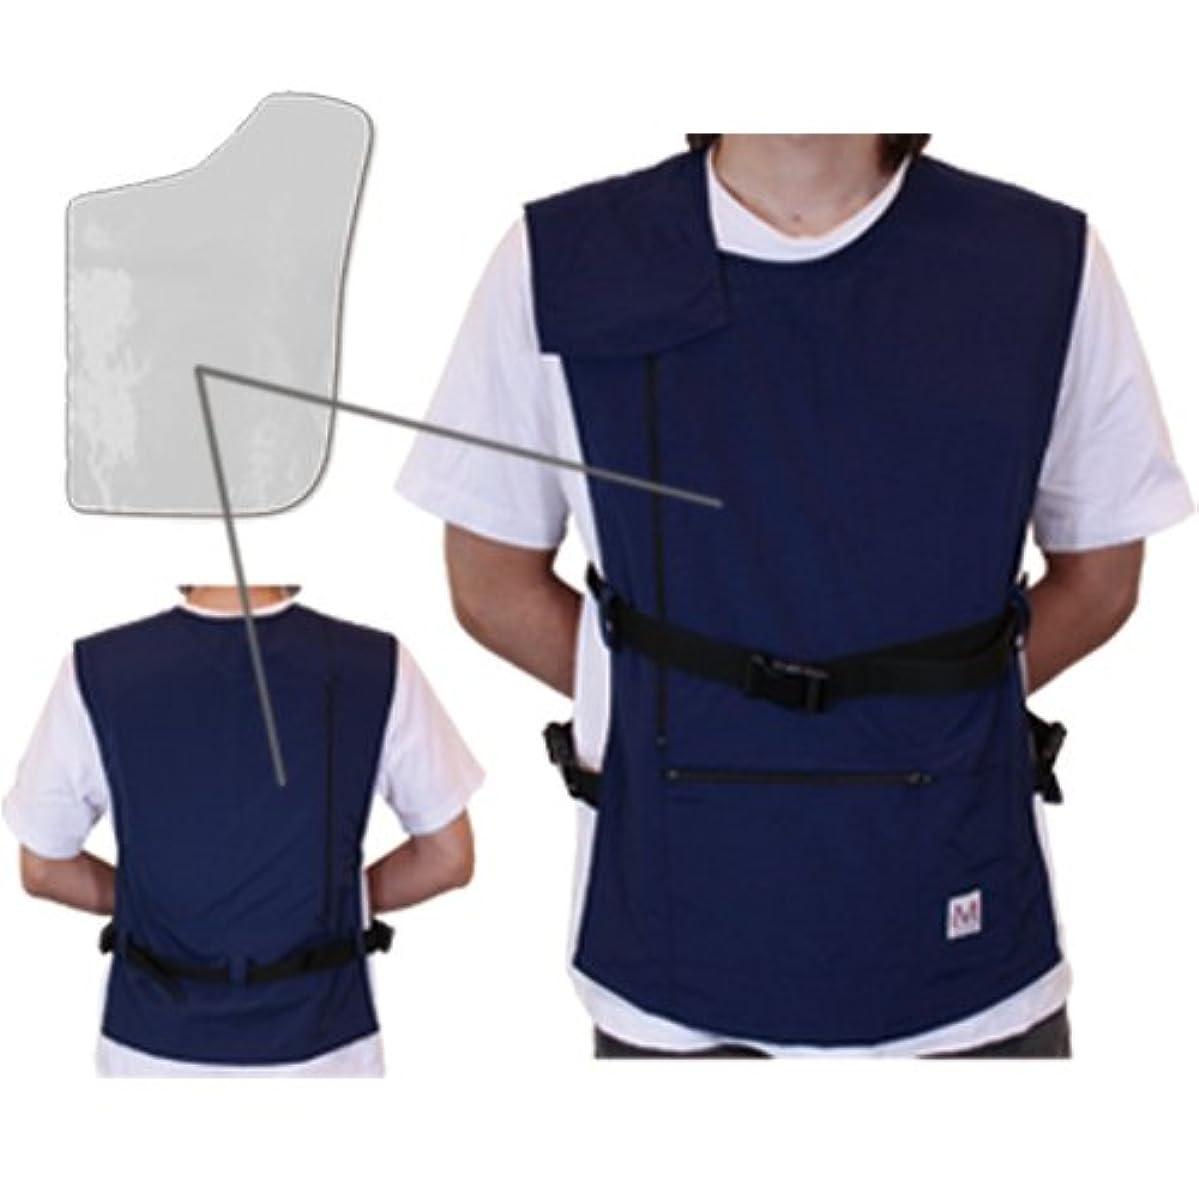 機構にやにやすみませんペースメーカ?ICD電磁波防護服「MGワークベスト左胸用(ネイビー)2年間品質保証